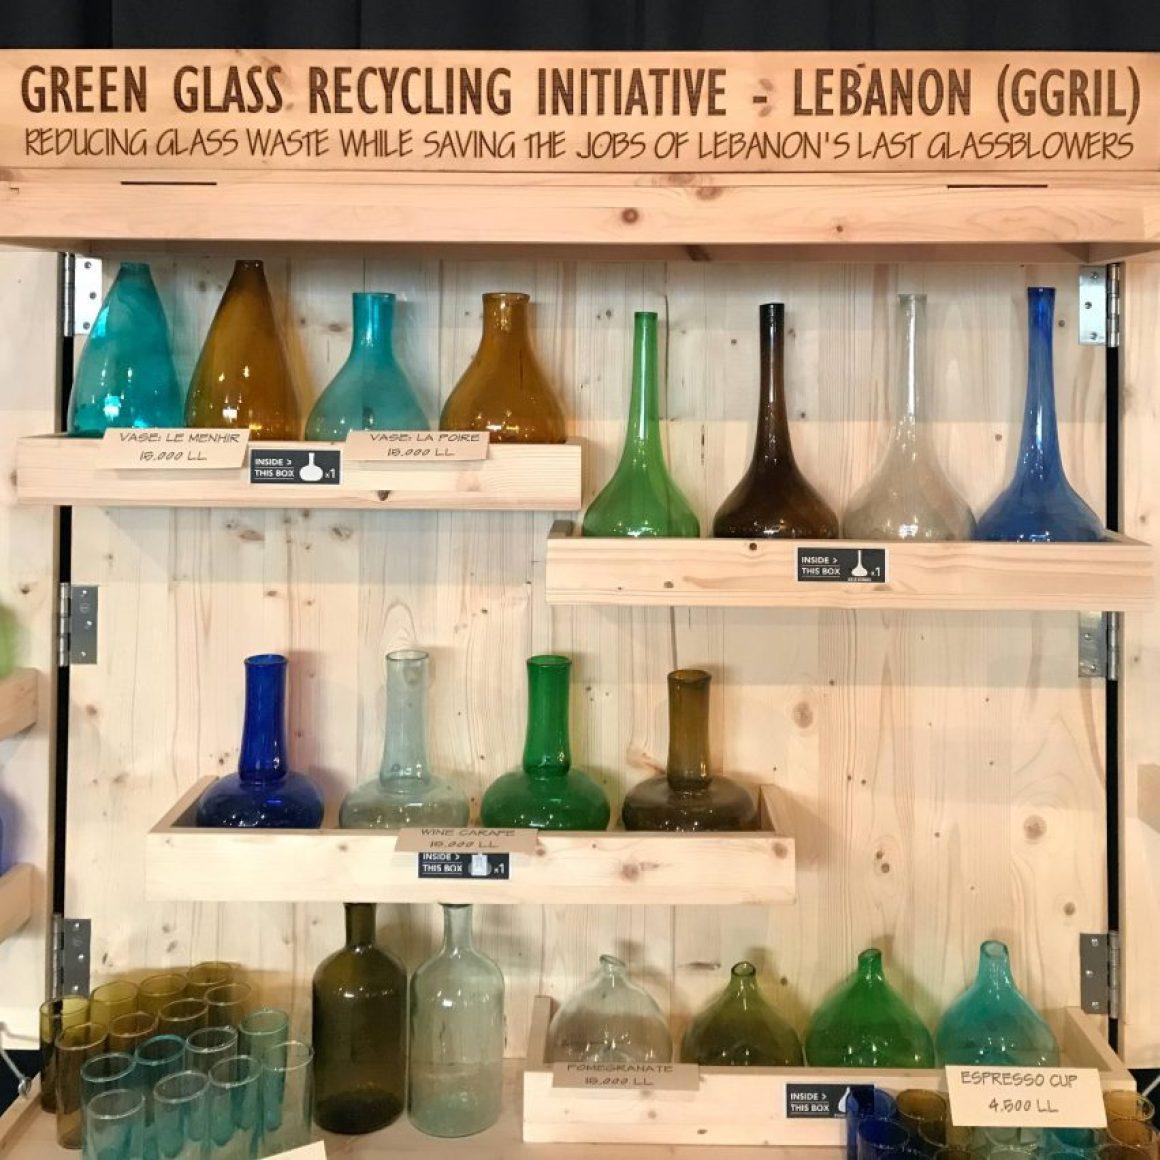 Initiative de recyclage du verre vert au Liban